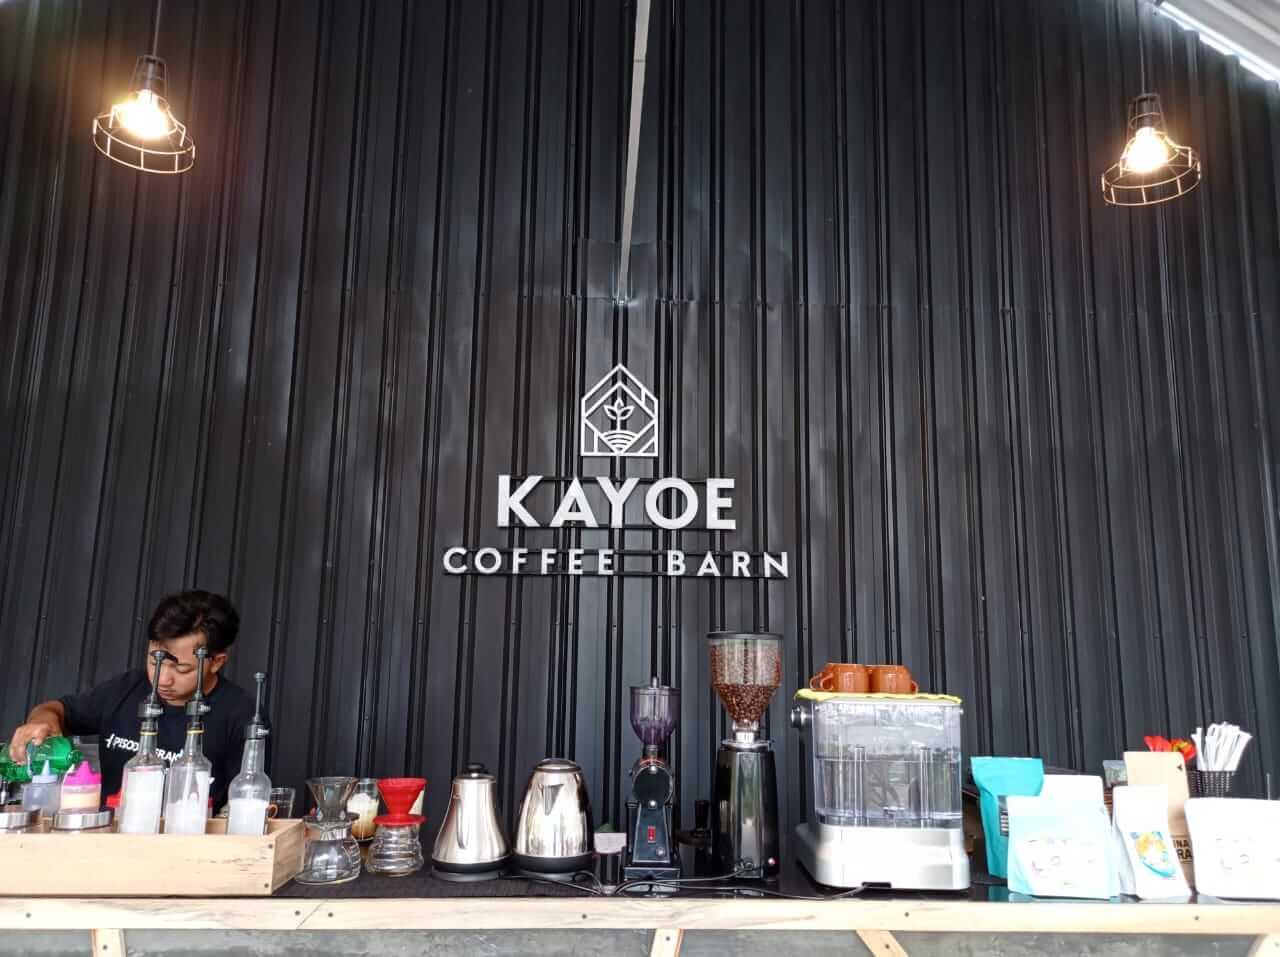 Kayoe Coffee and Barn